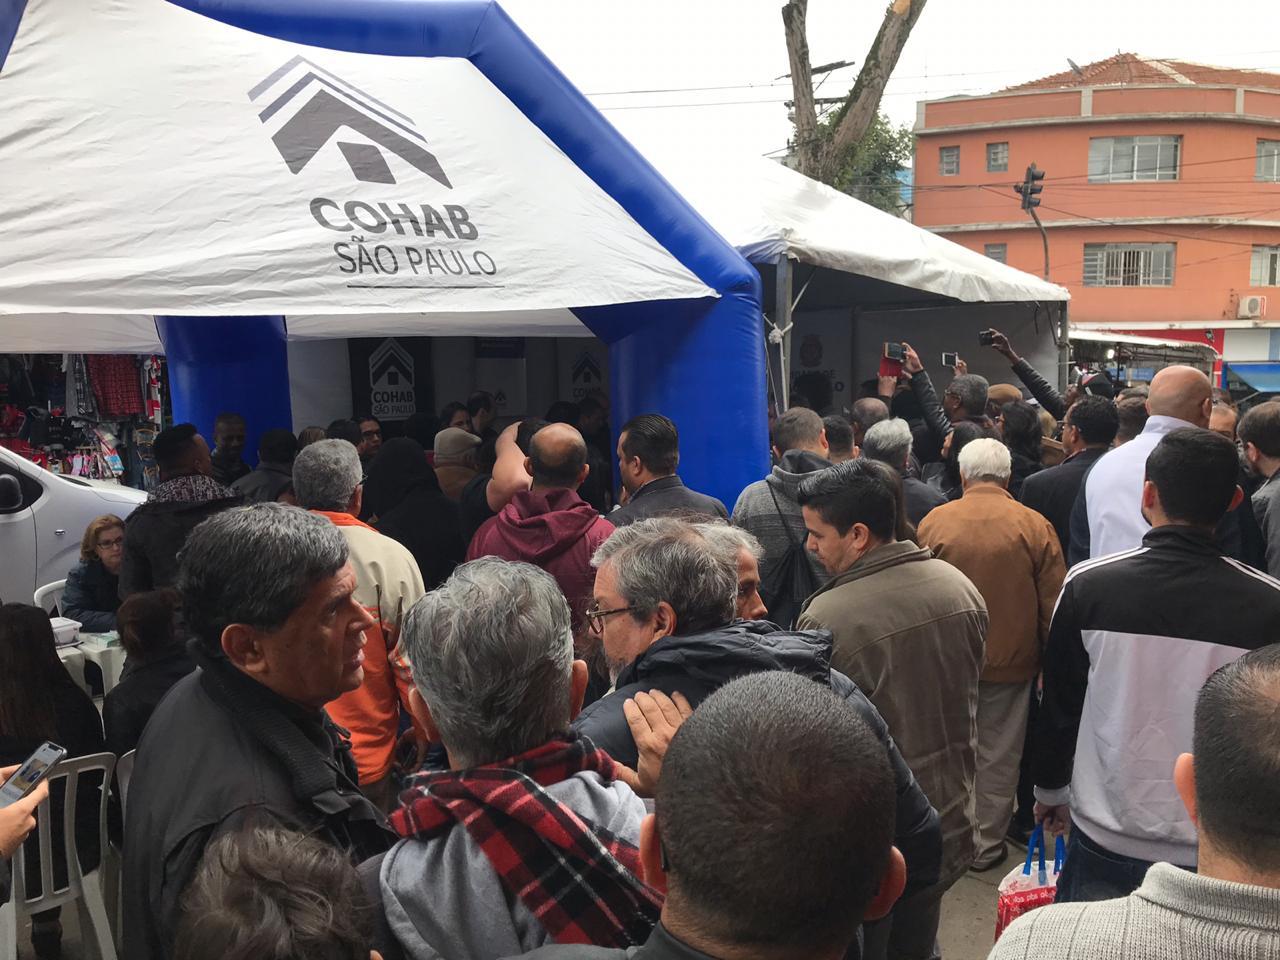 A foto foi tirada de longe e mostra a tenda da Cohab com os mutuários.